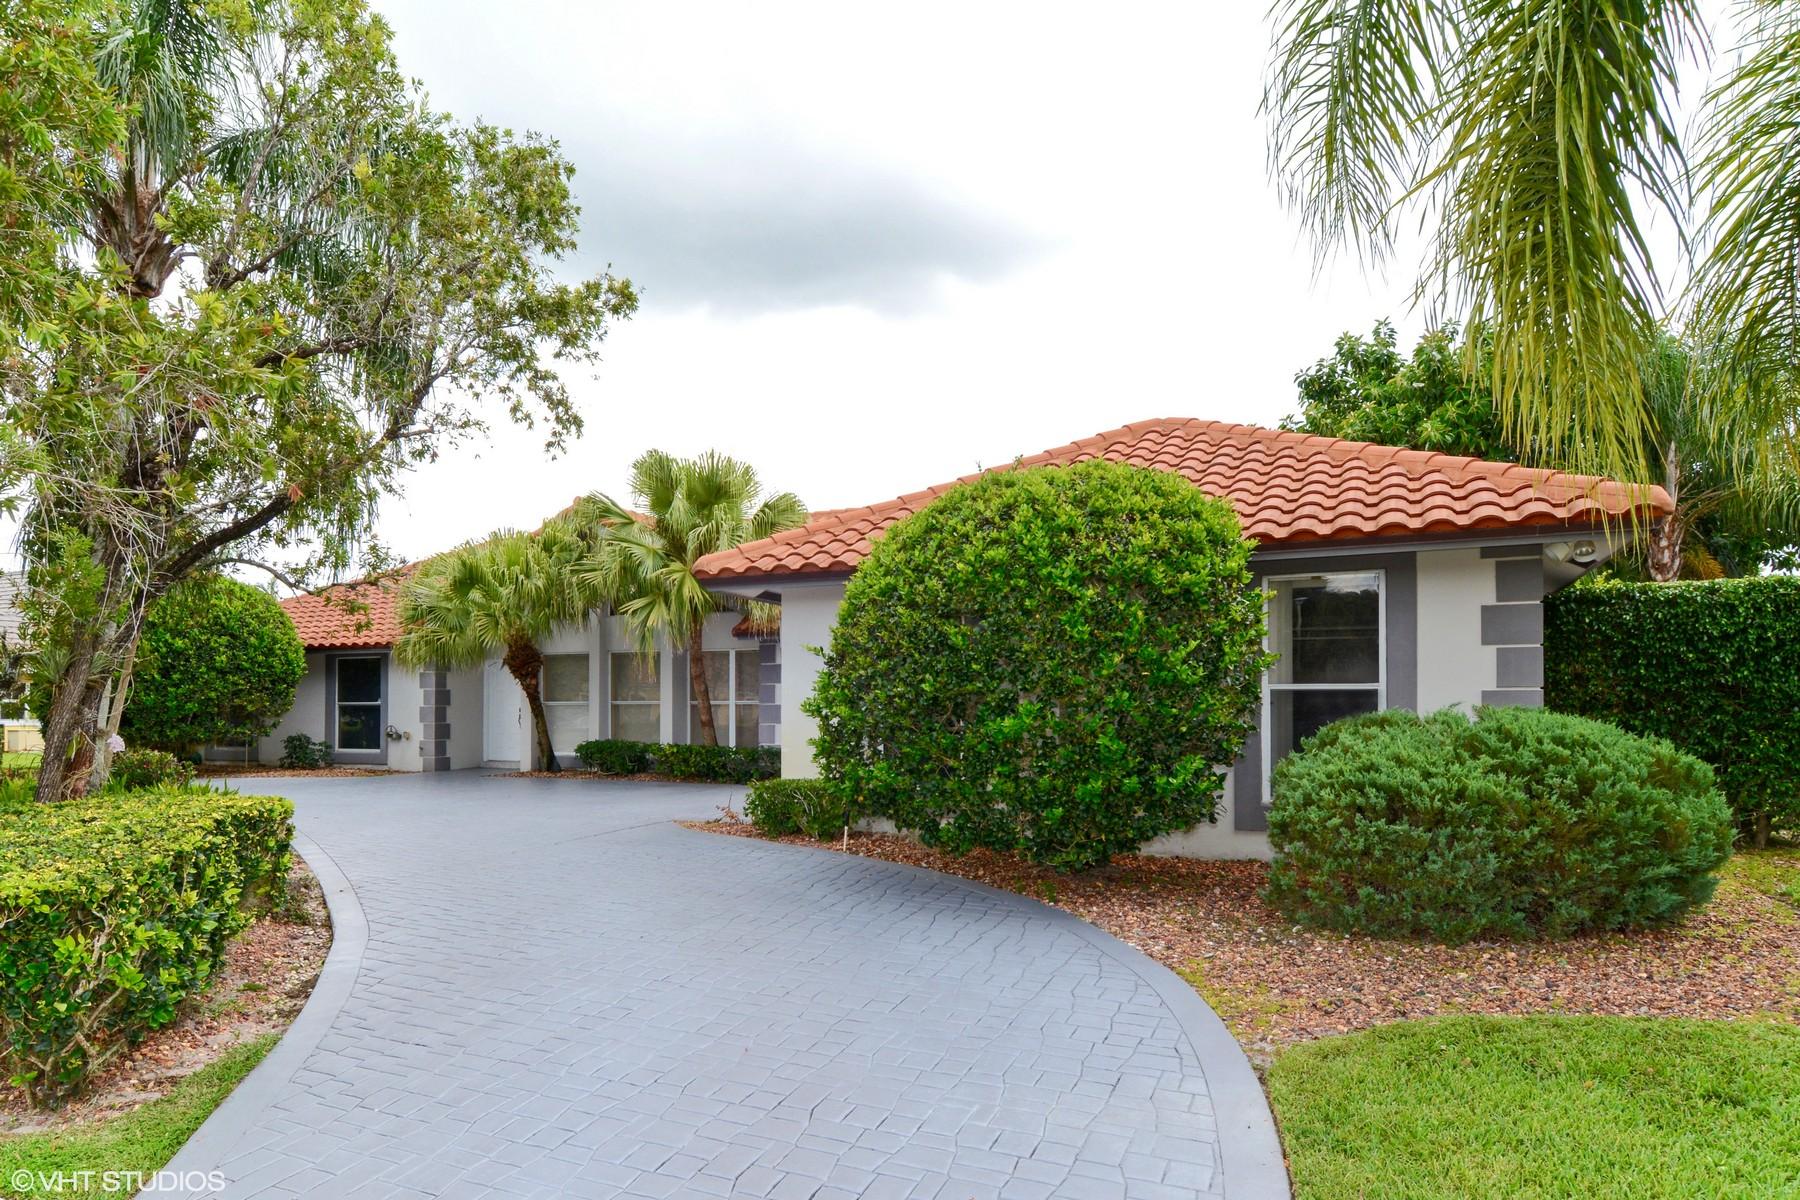 단독 가정 주택 용 매매 에 2085 Greenview Cove 2085 Greenview Cove Drive Wellington, 플로리다, 33414 미국